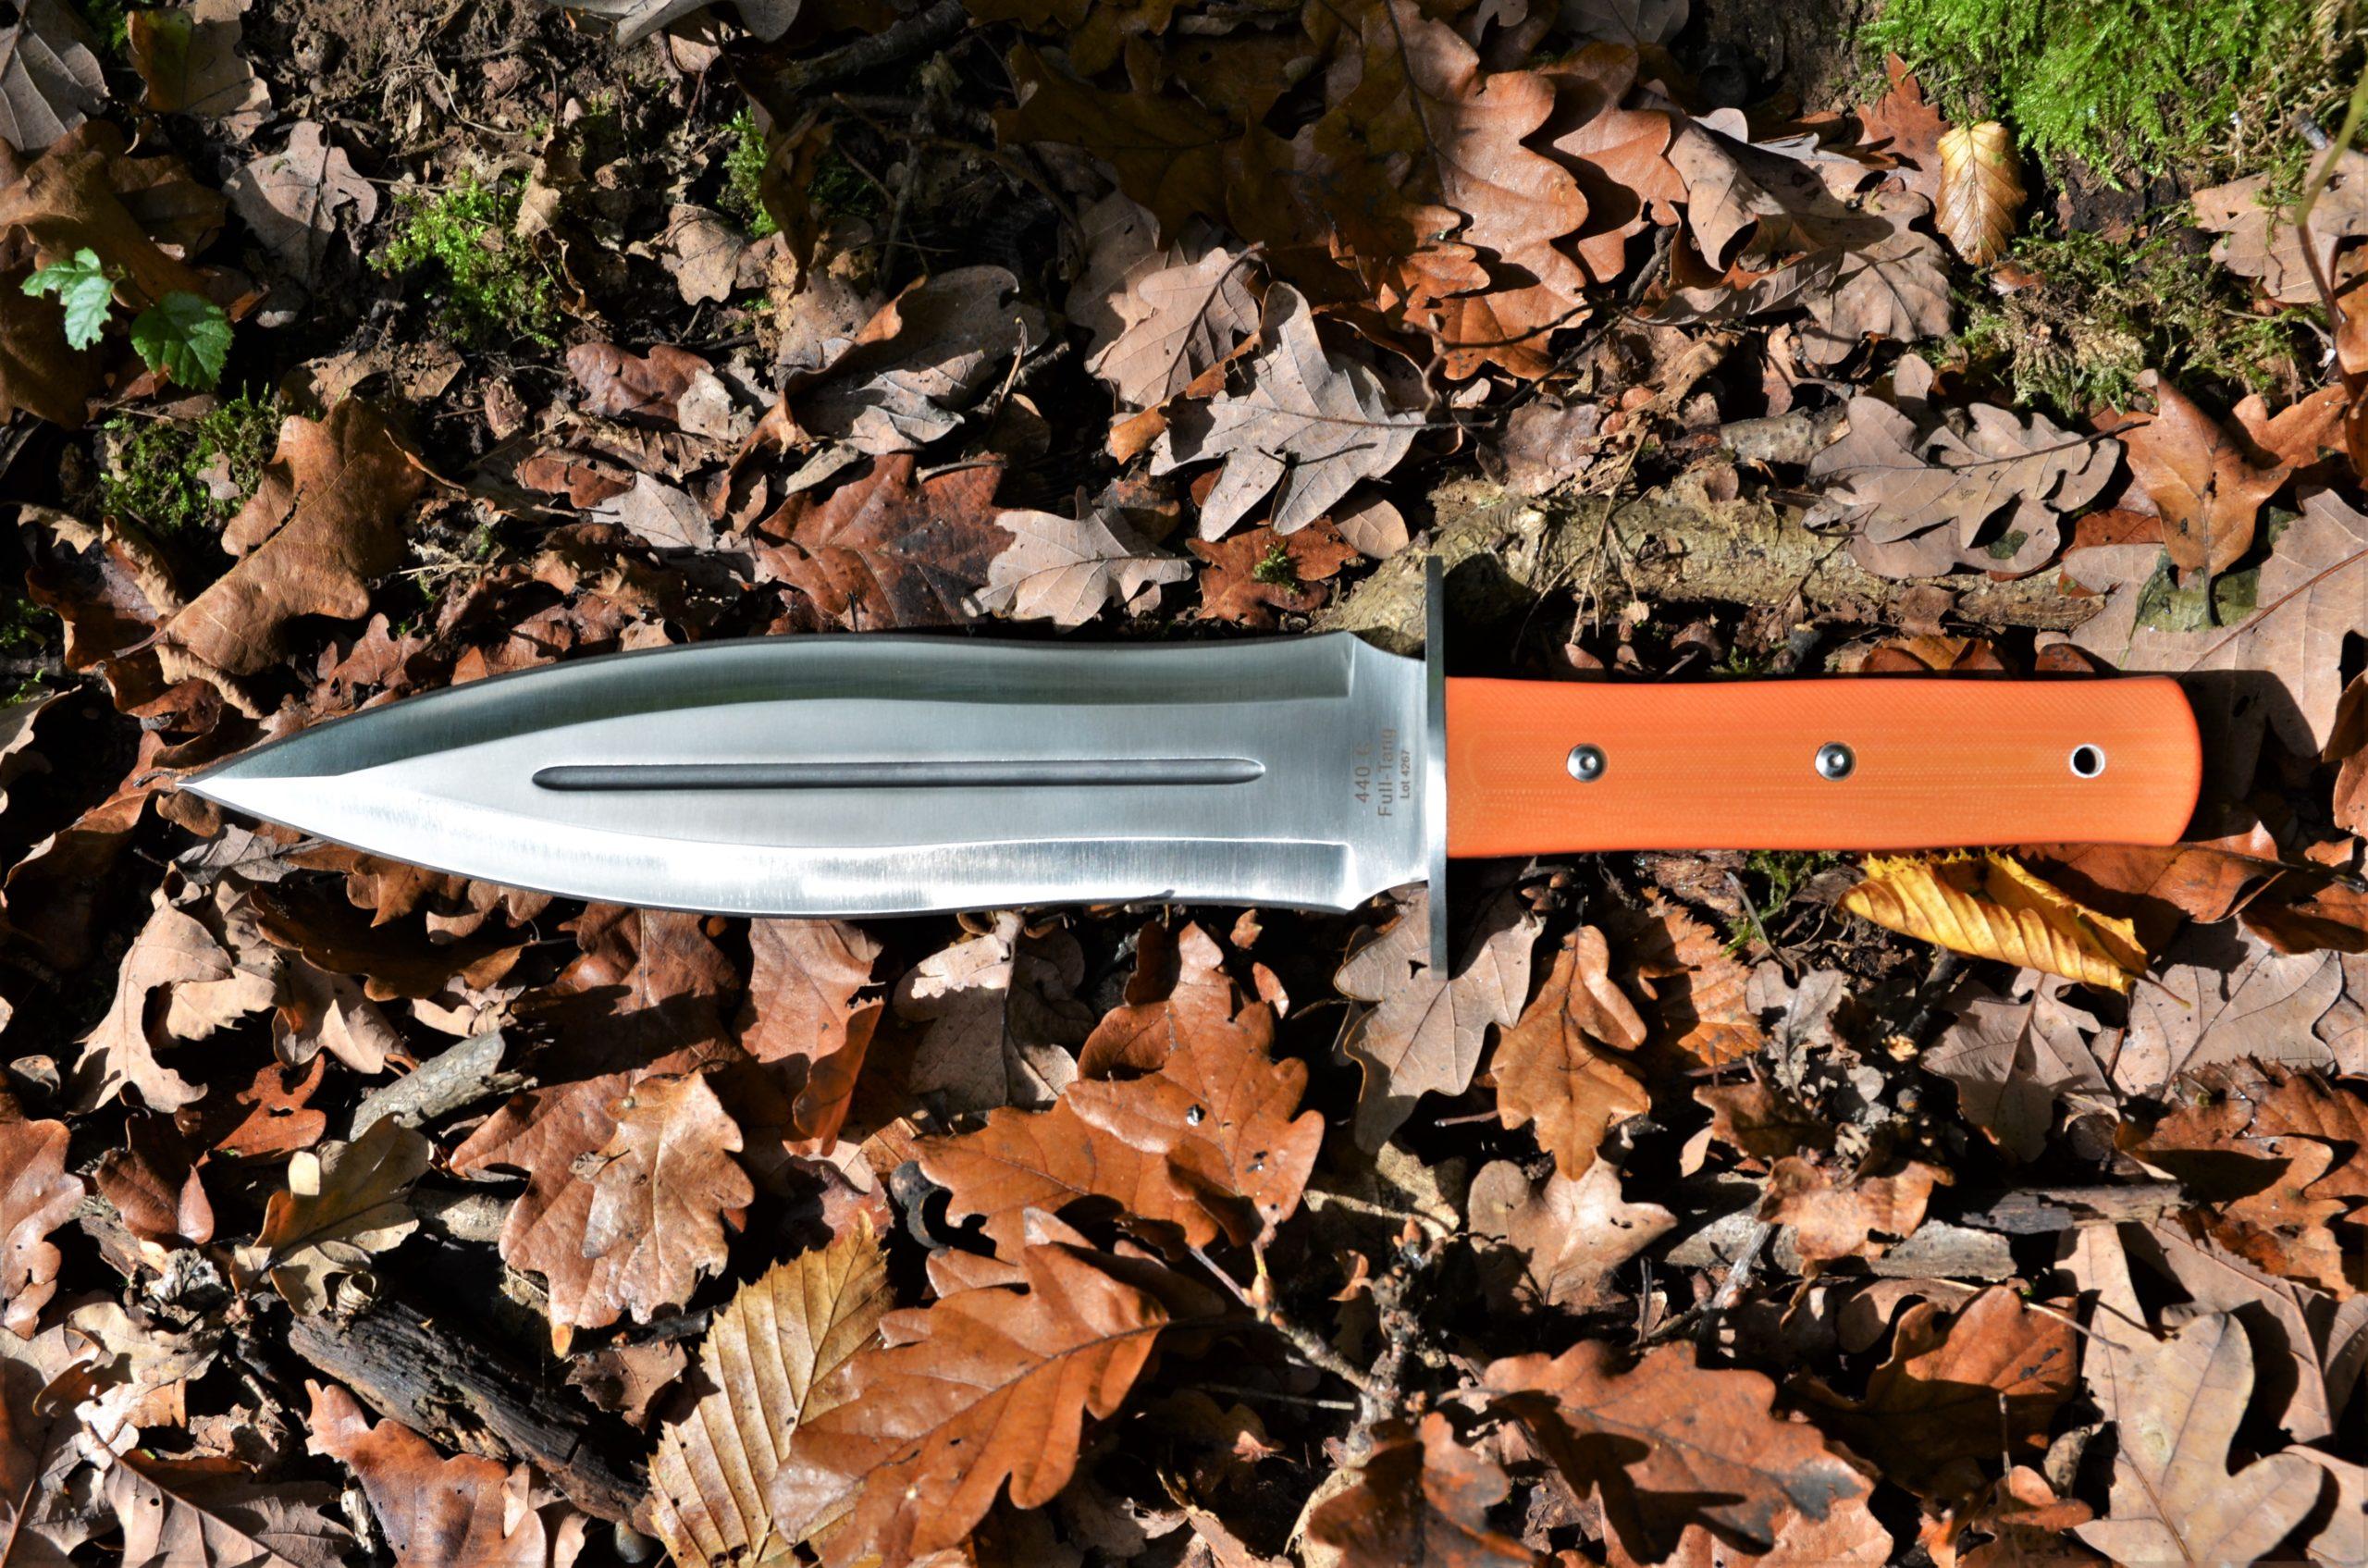 Parforce Hatz-Watz Boar Hunter Basse G10 FT- Sautöter